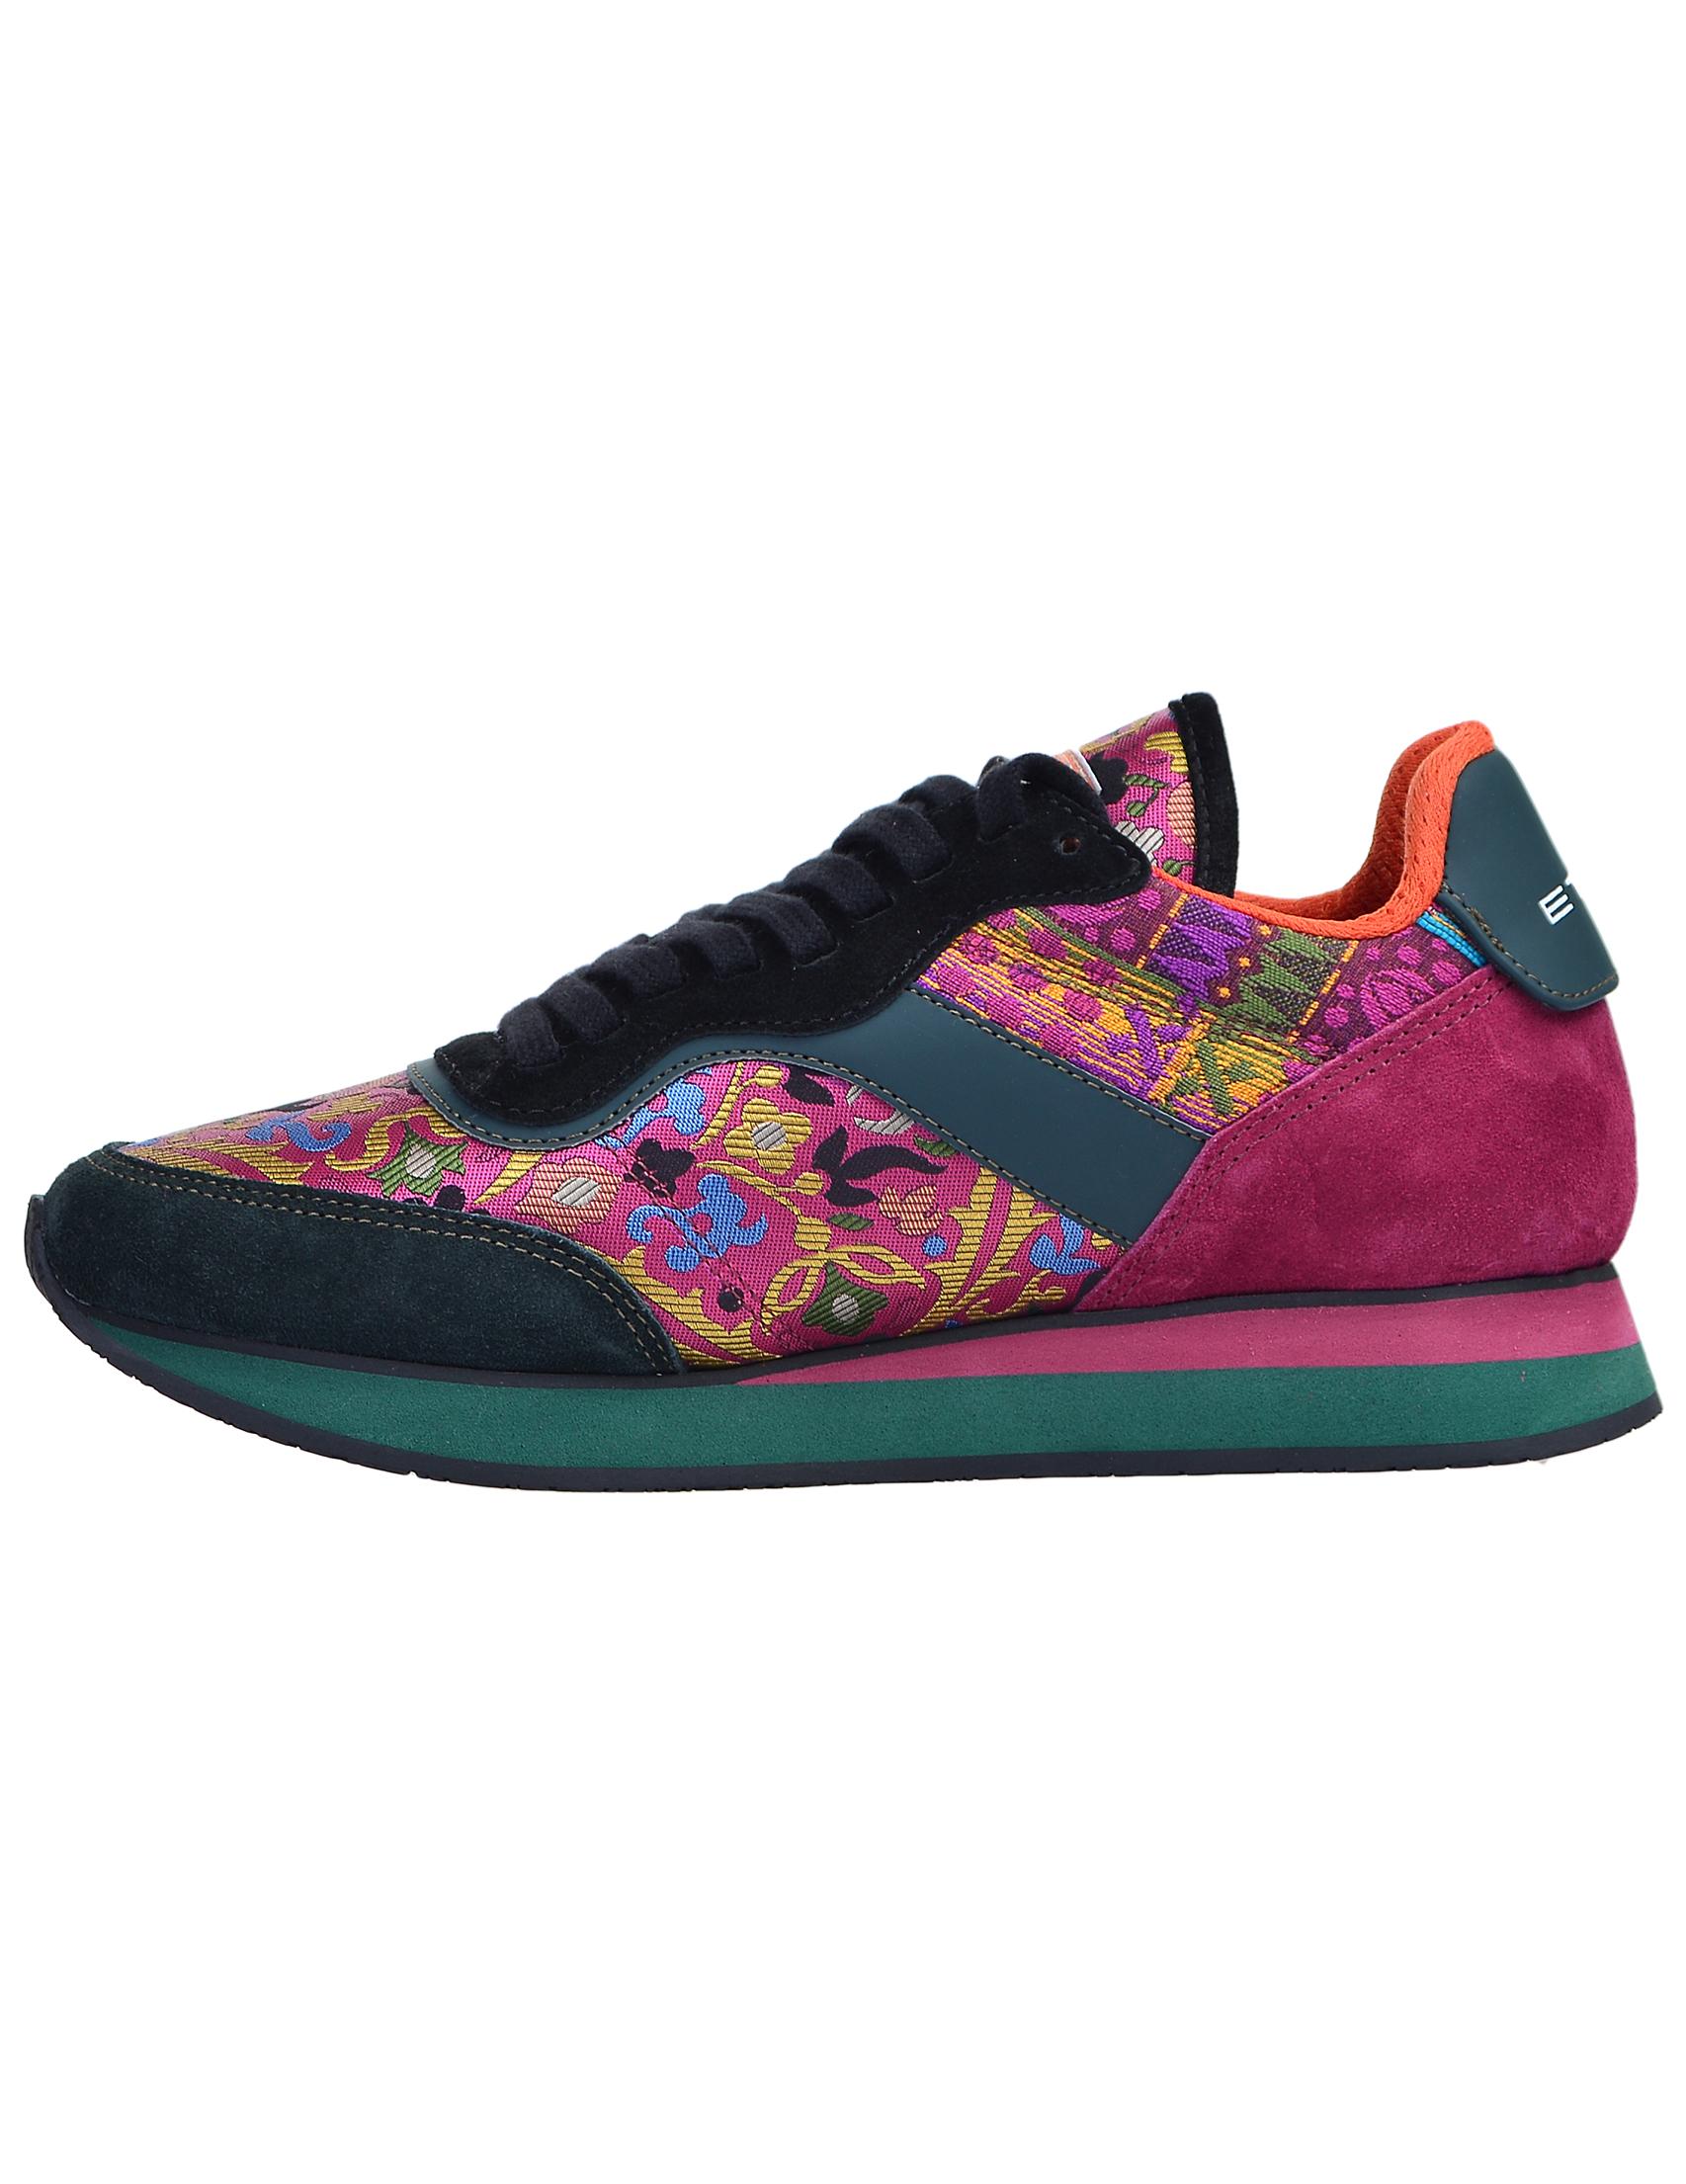 Фото 5 - женские кроссовки  цвет многоцветный